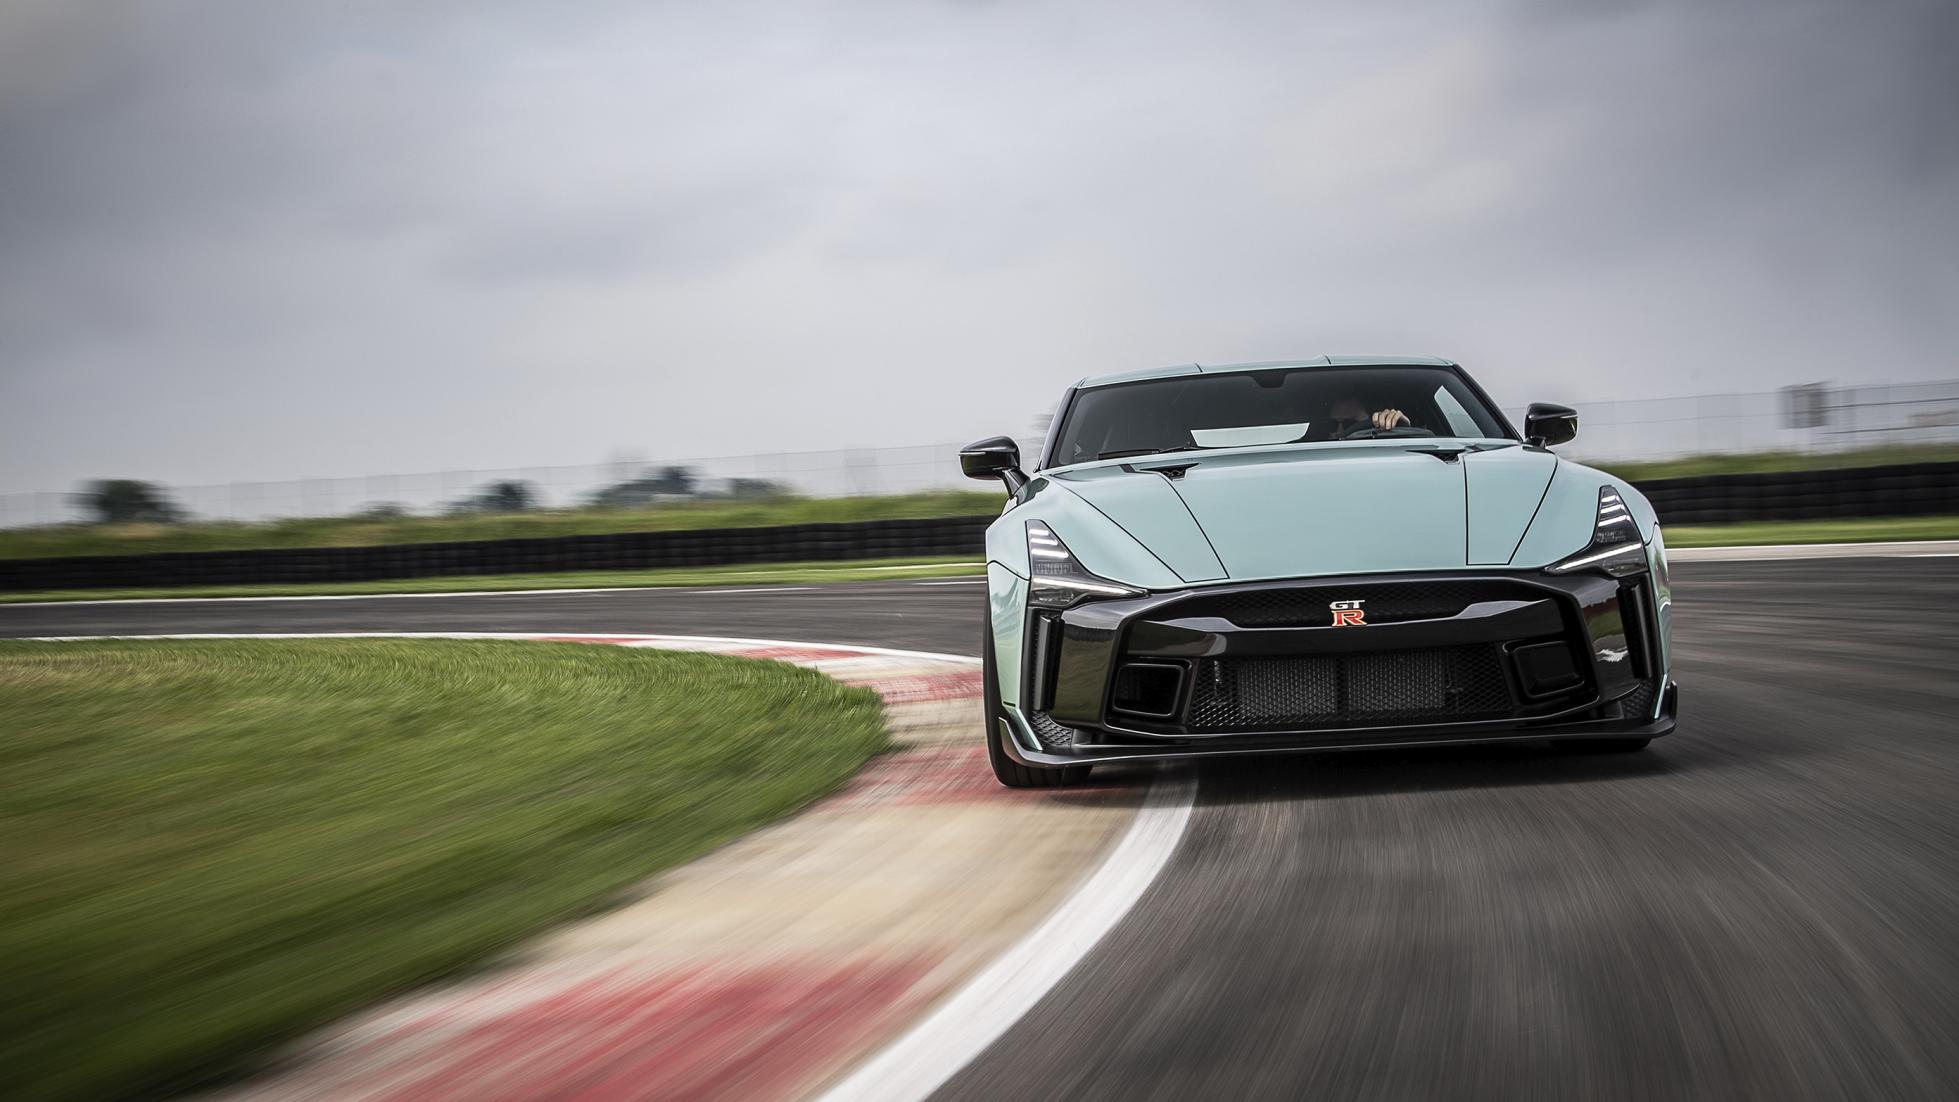 Omslagsbild föreställandes Nissan GT-R 50 på bana.